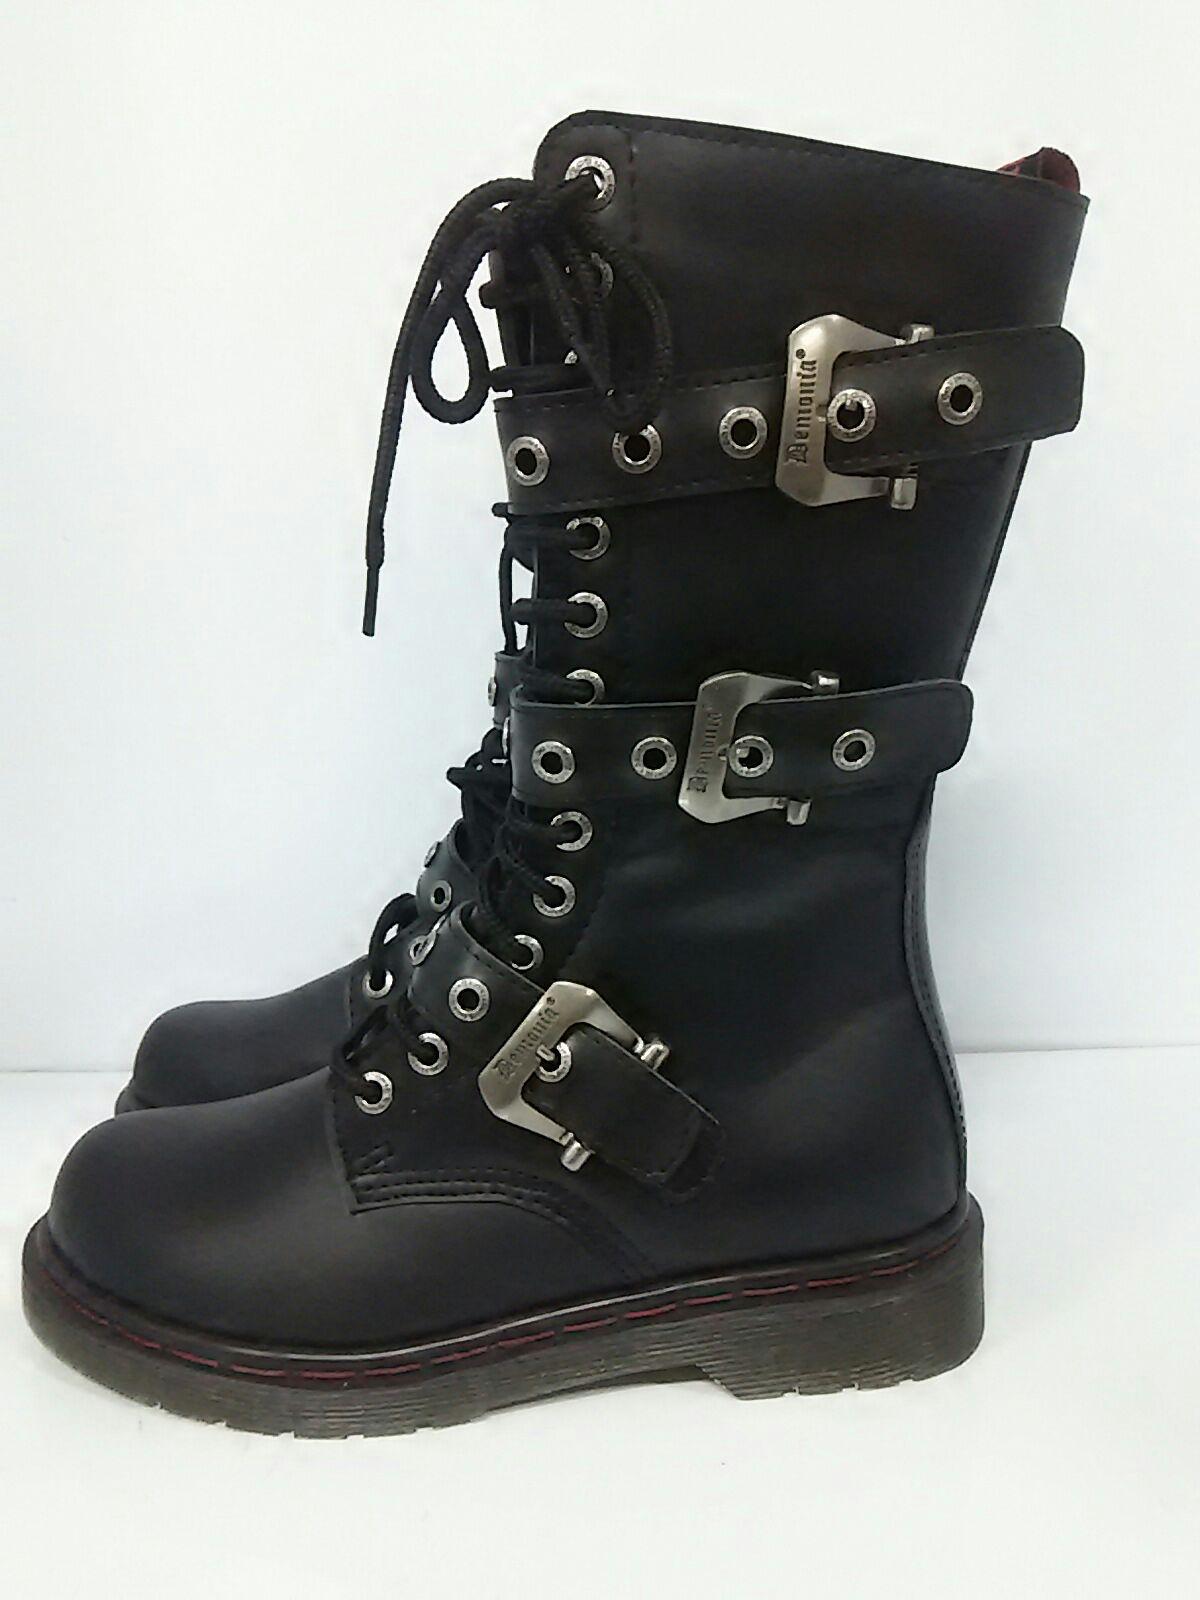 Demonia(デモニア)のブーツ